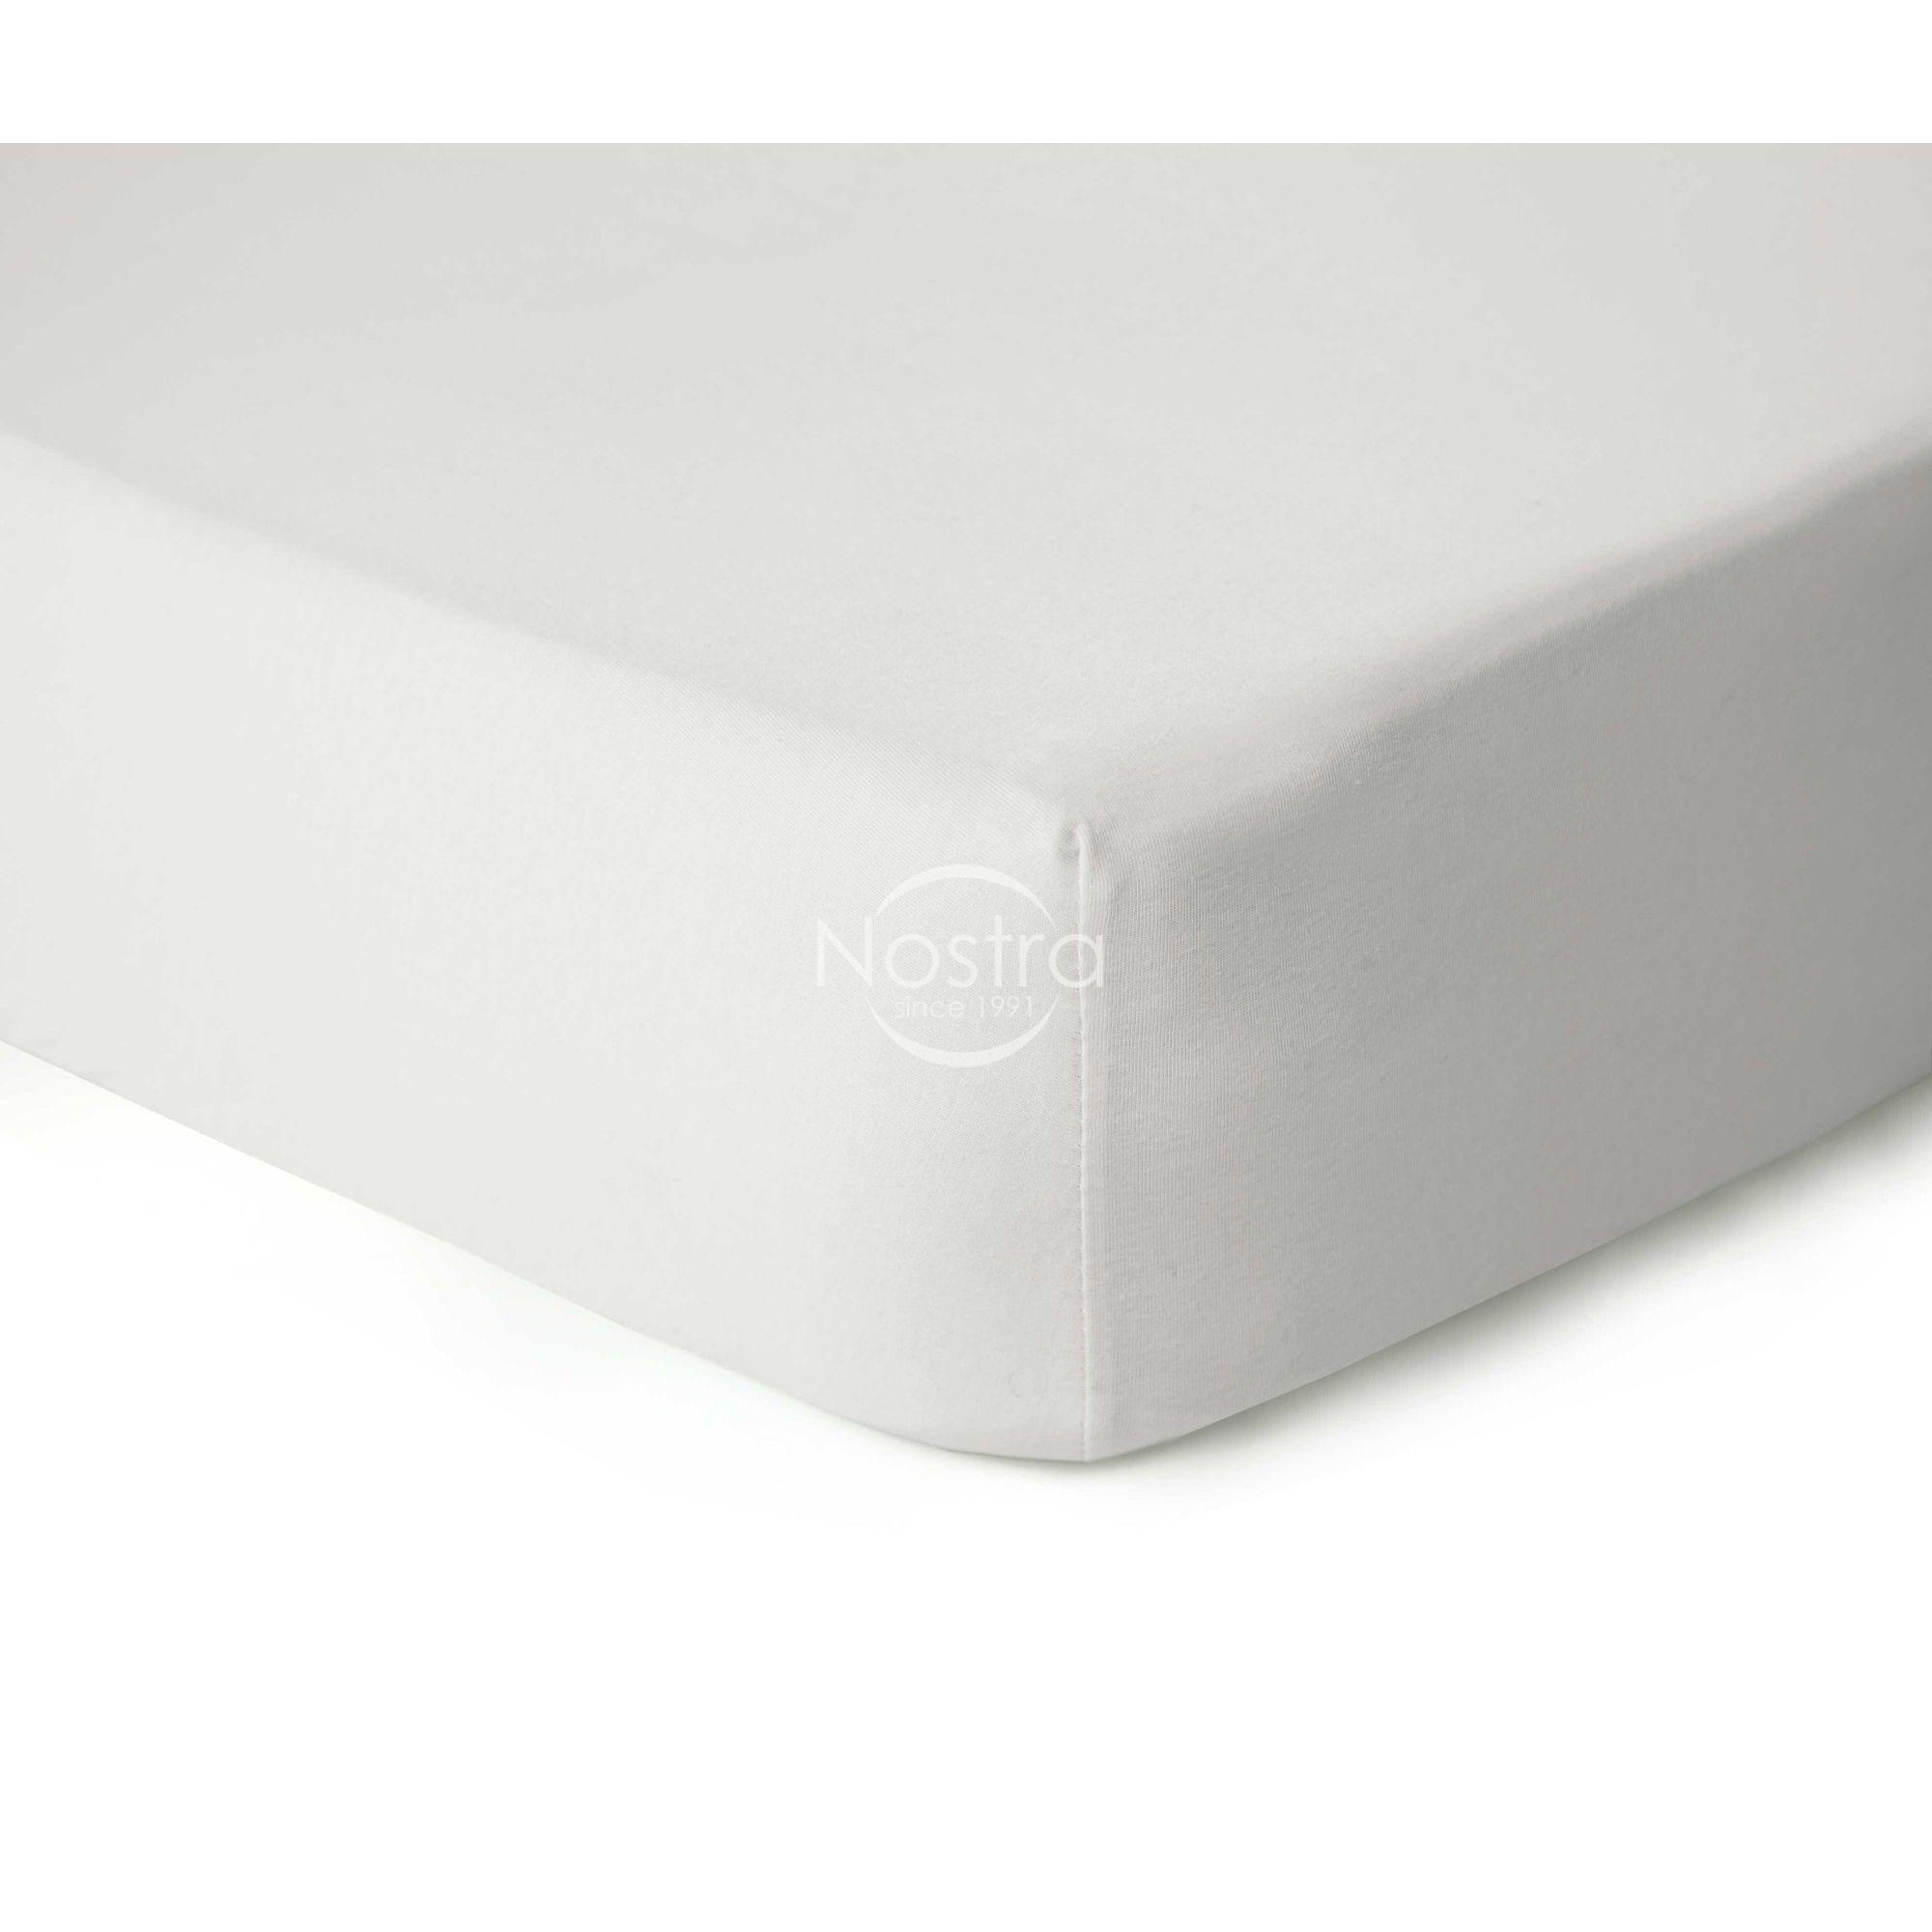 Trikotažinės paklodės su guma JERSEYBTL-OFF WHITE